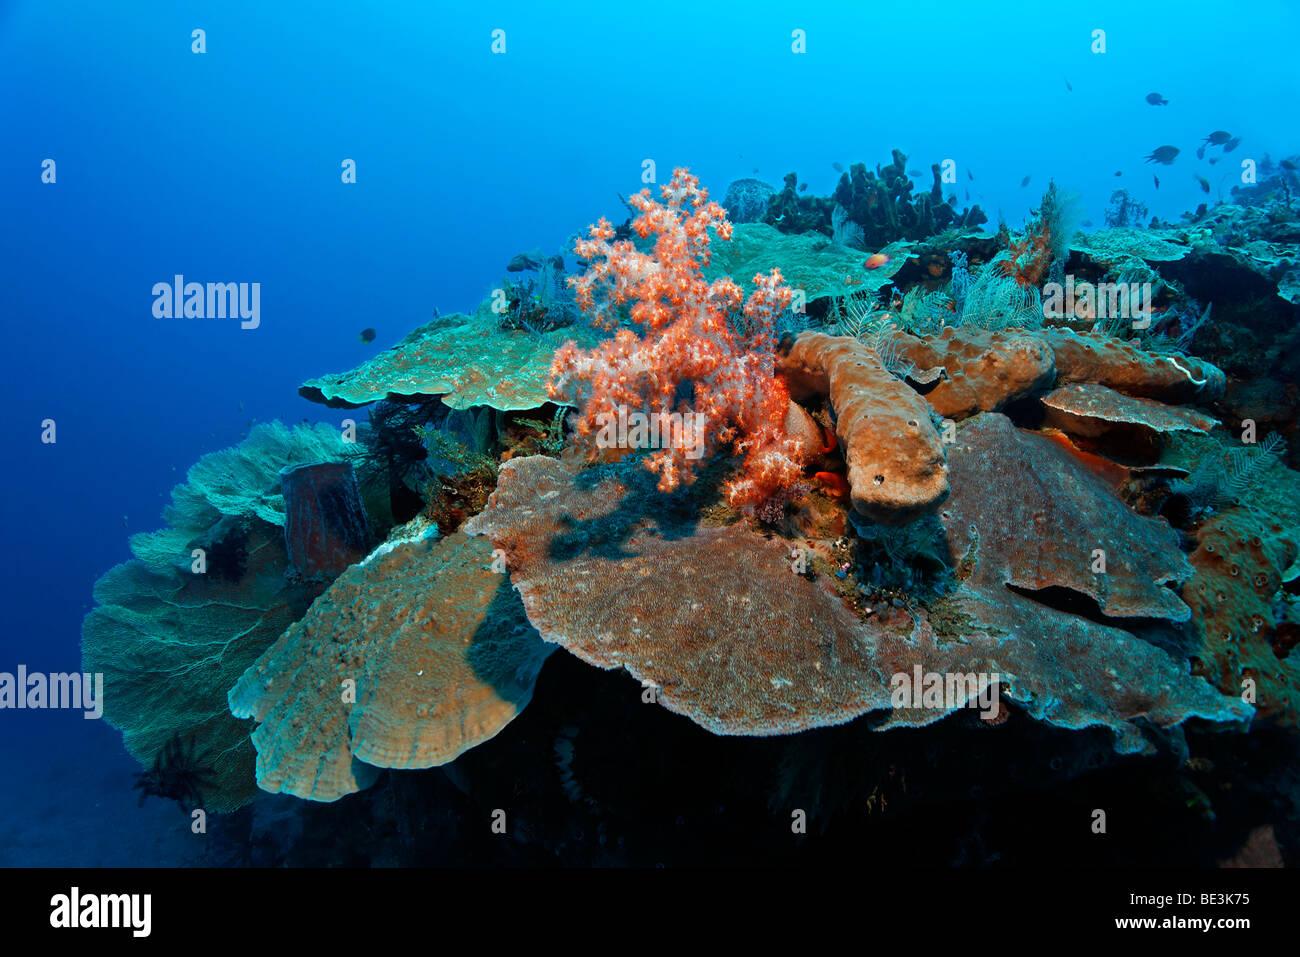 Korallenriff mit verschiedenen Arten von Korallen, Kuda, Bali, Indonesien, Pazifischer Ozean Stockbild